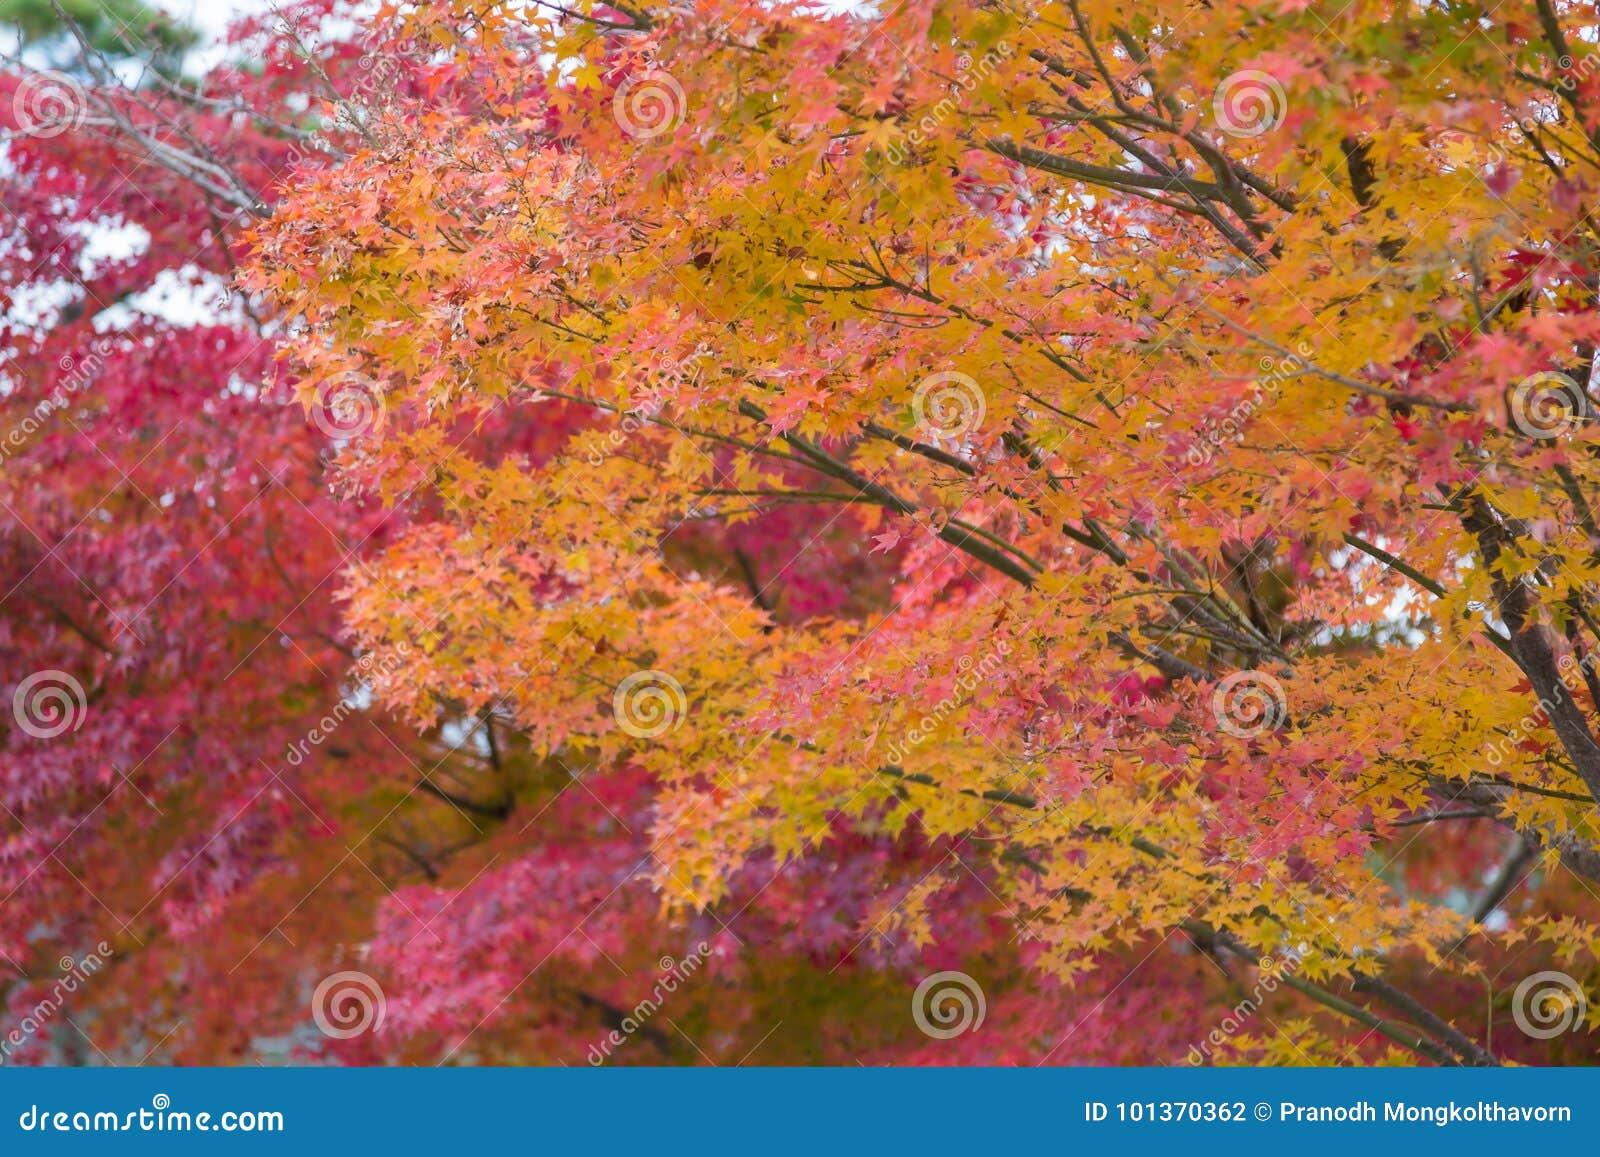 Les feuilles d érable colorées sur l arbre pendant l automne assaisonnent